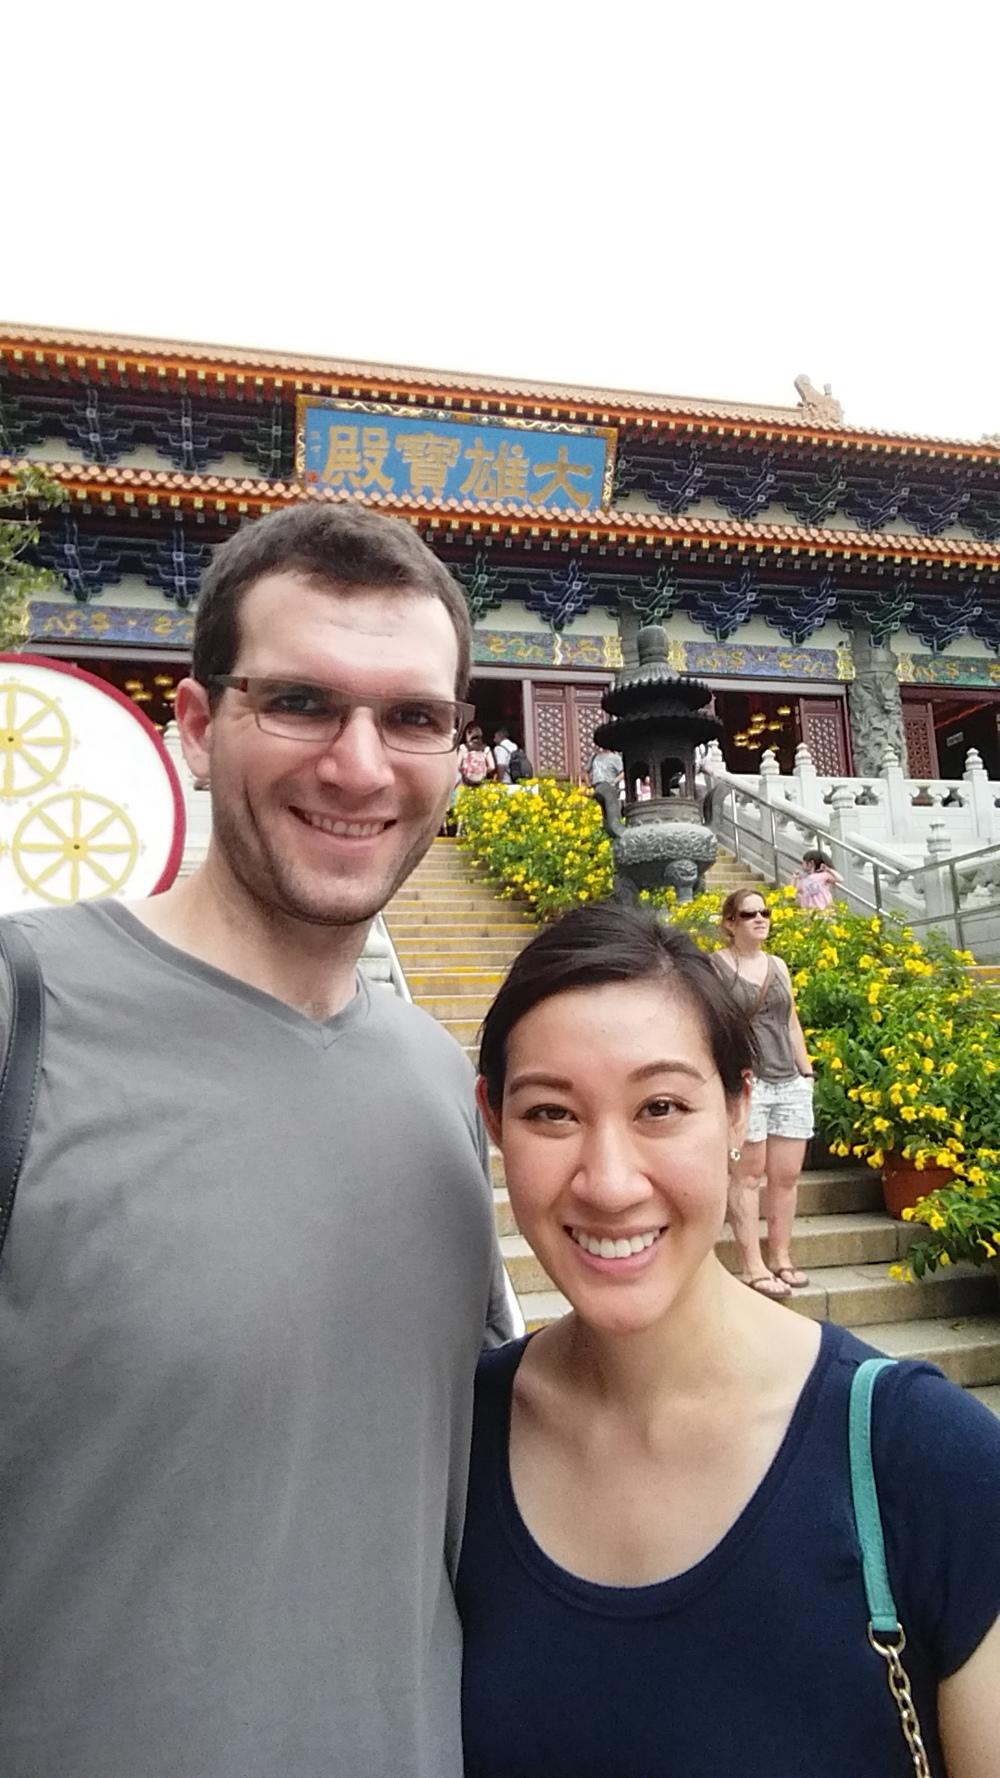 Monastery selfie.